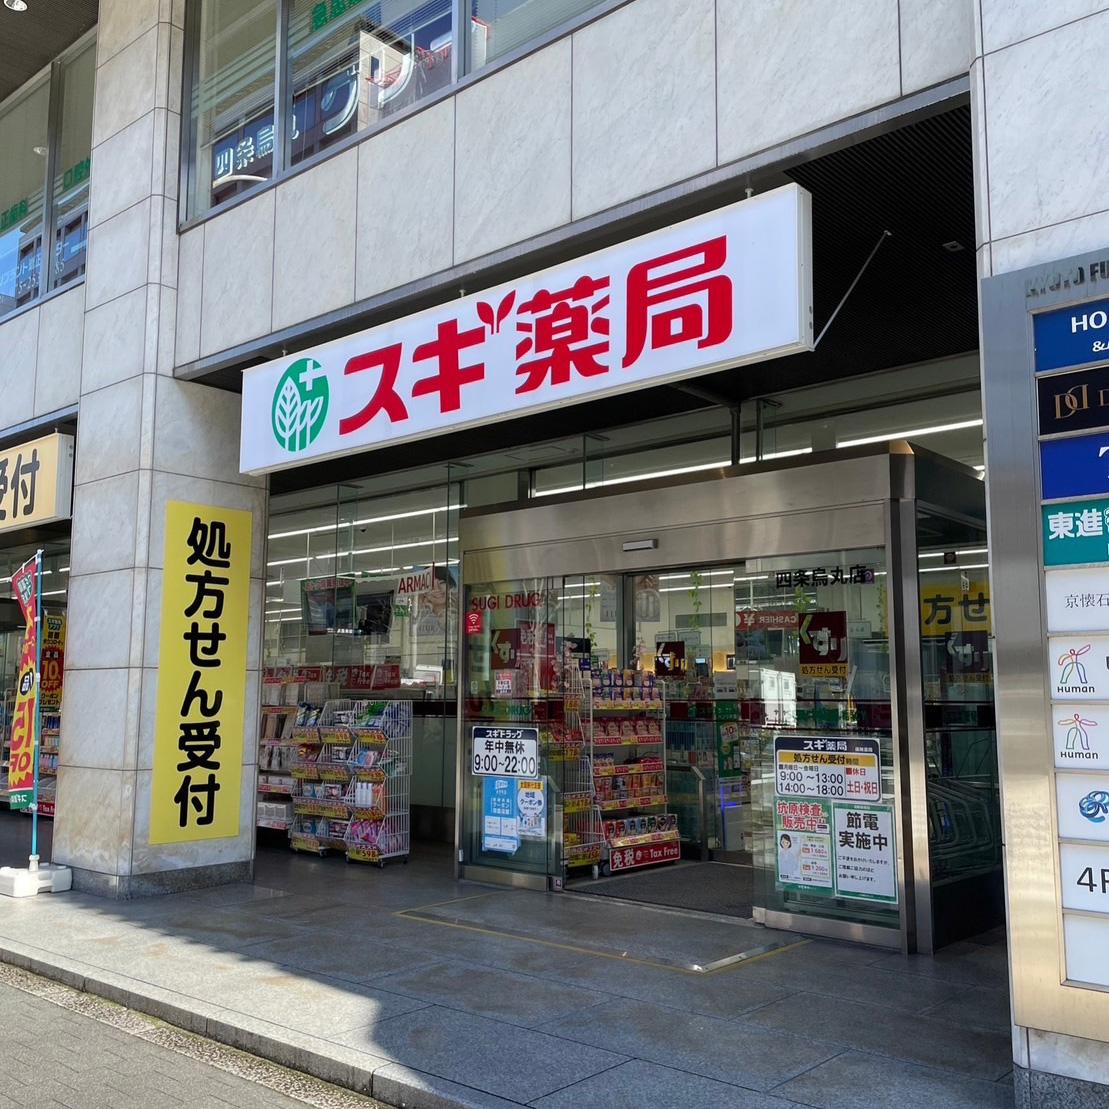 地下鉄四条駅 阪急烏丸駅 信号を一つ越えると、セブンイレブンがあります。